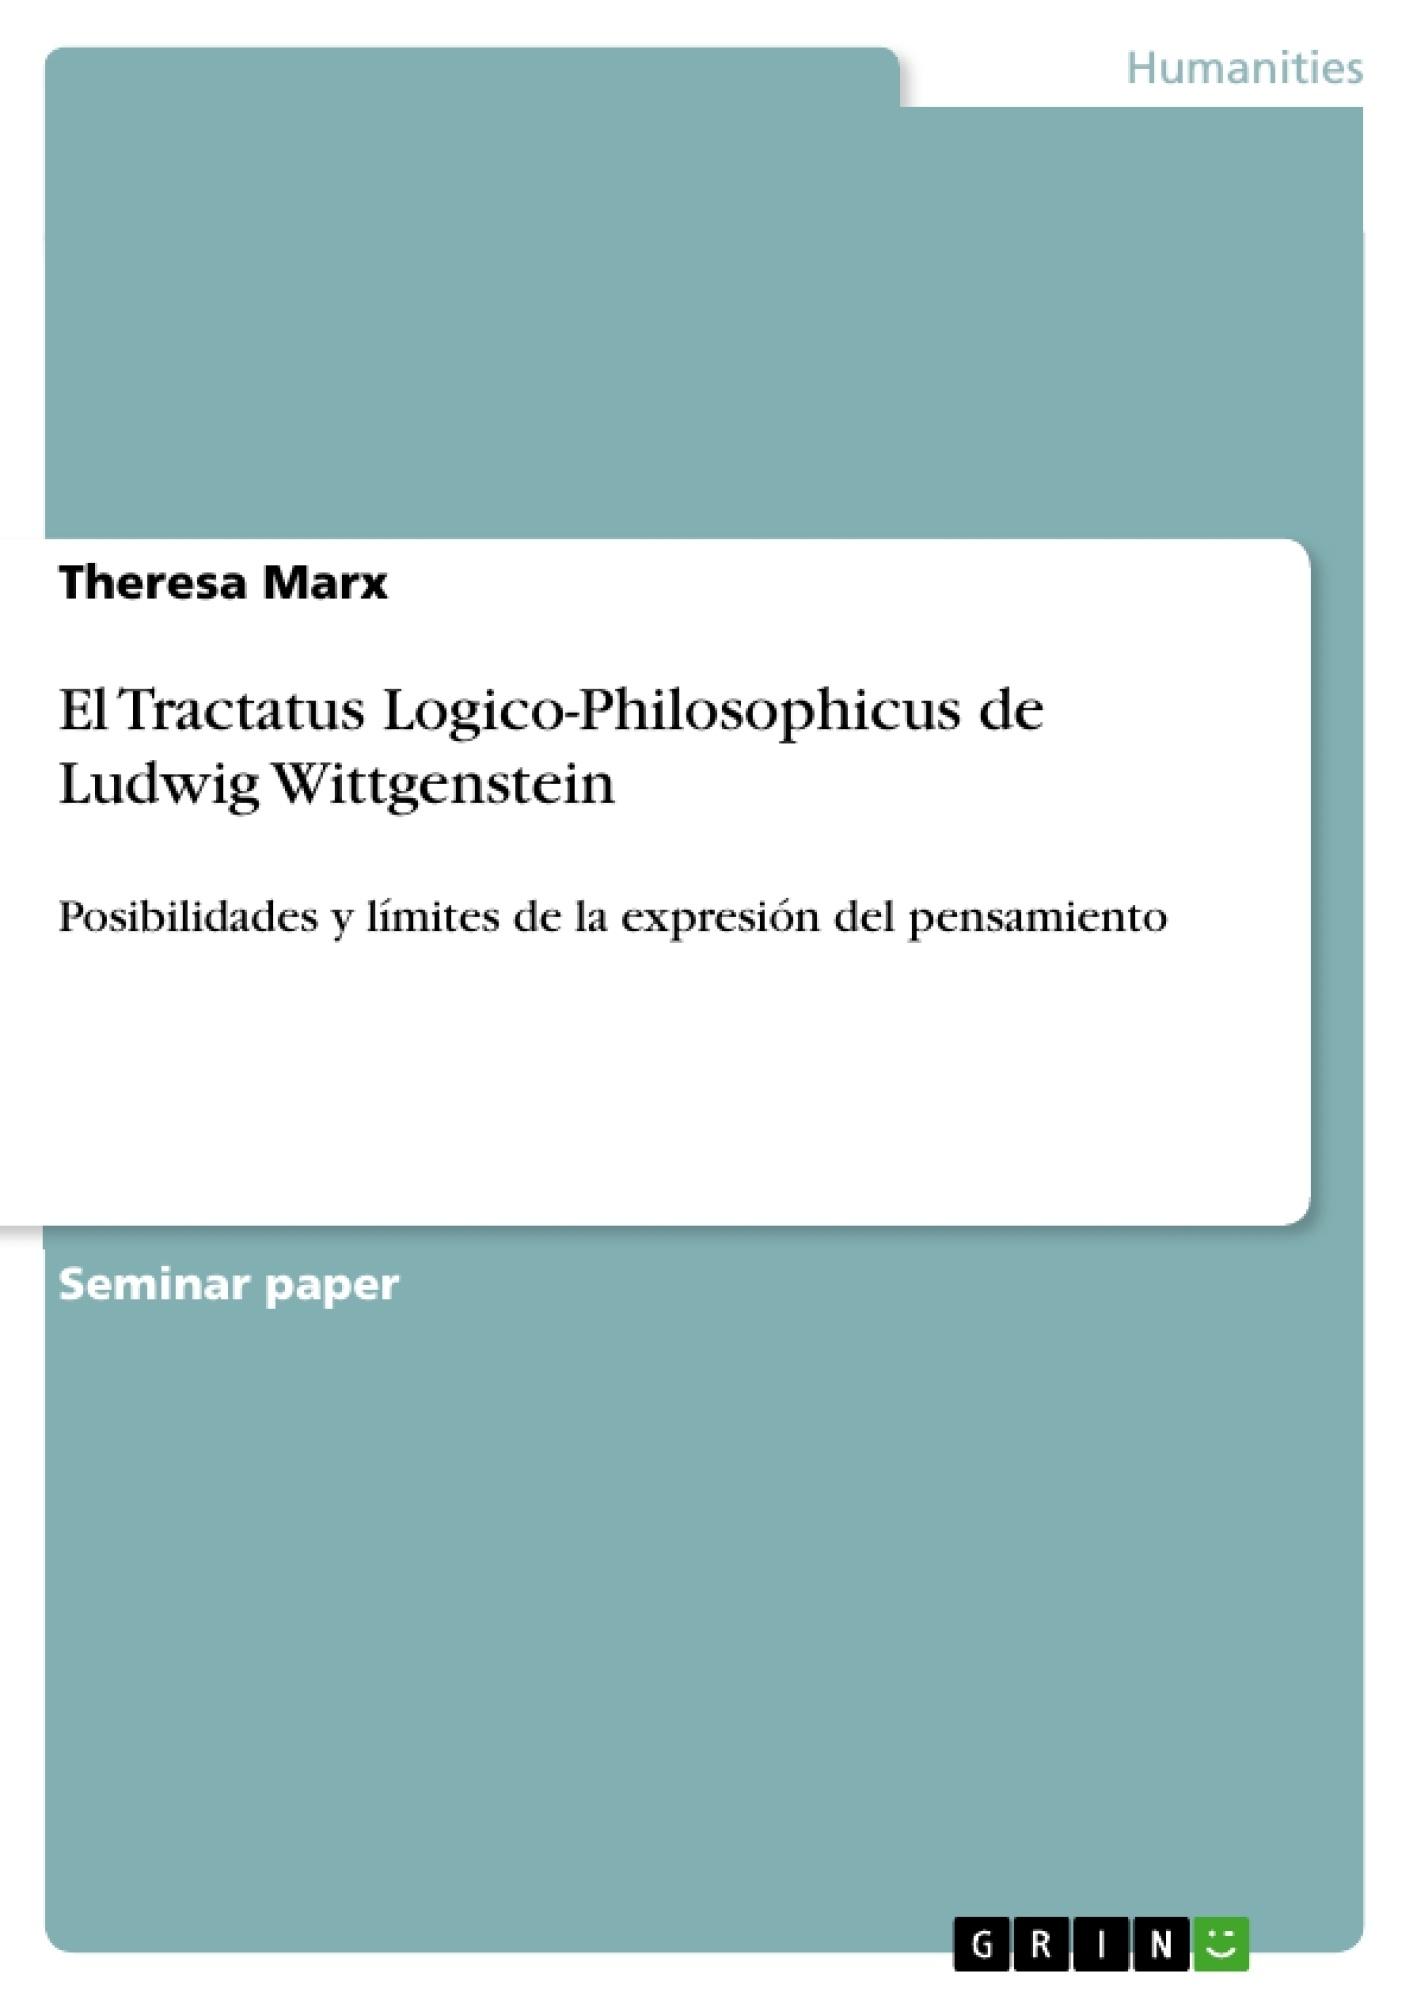 Título: El Tractatus Logico-Philosophicus de Ludwig Wittgenstein